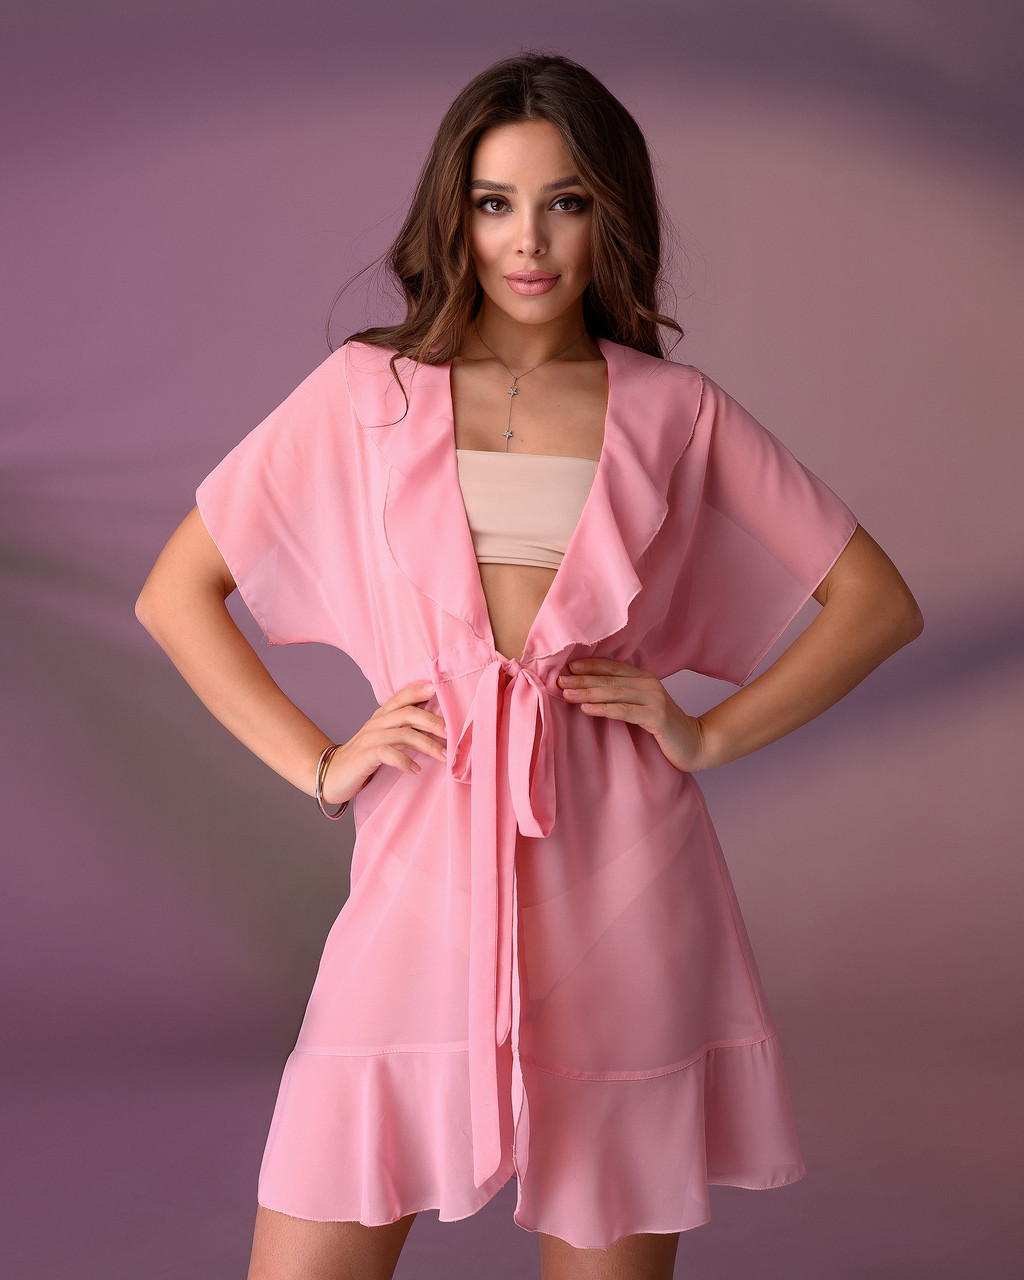 Короткая пляжная туника 206, цвет - нежно-розовый. Размер 46-48